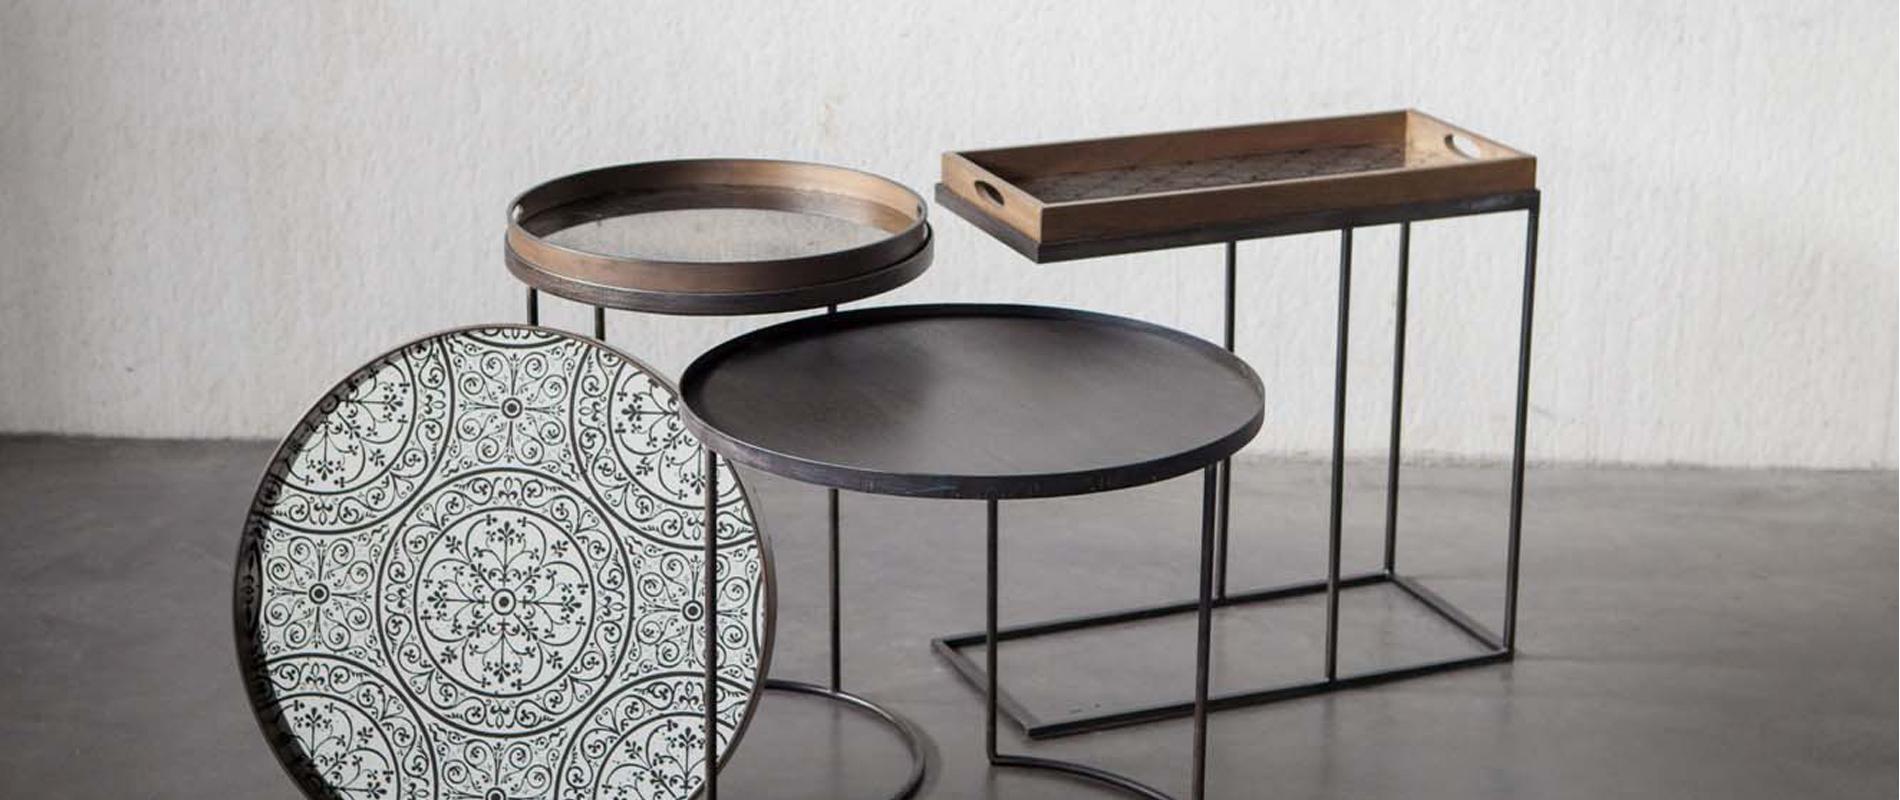 chaise une chaise sur le toit magasin de meubles chaises. Black Bedroom Furniture Sets. Home Design Ideas